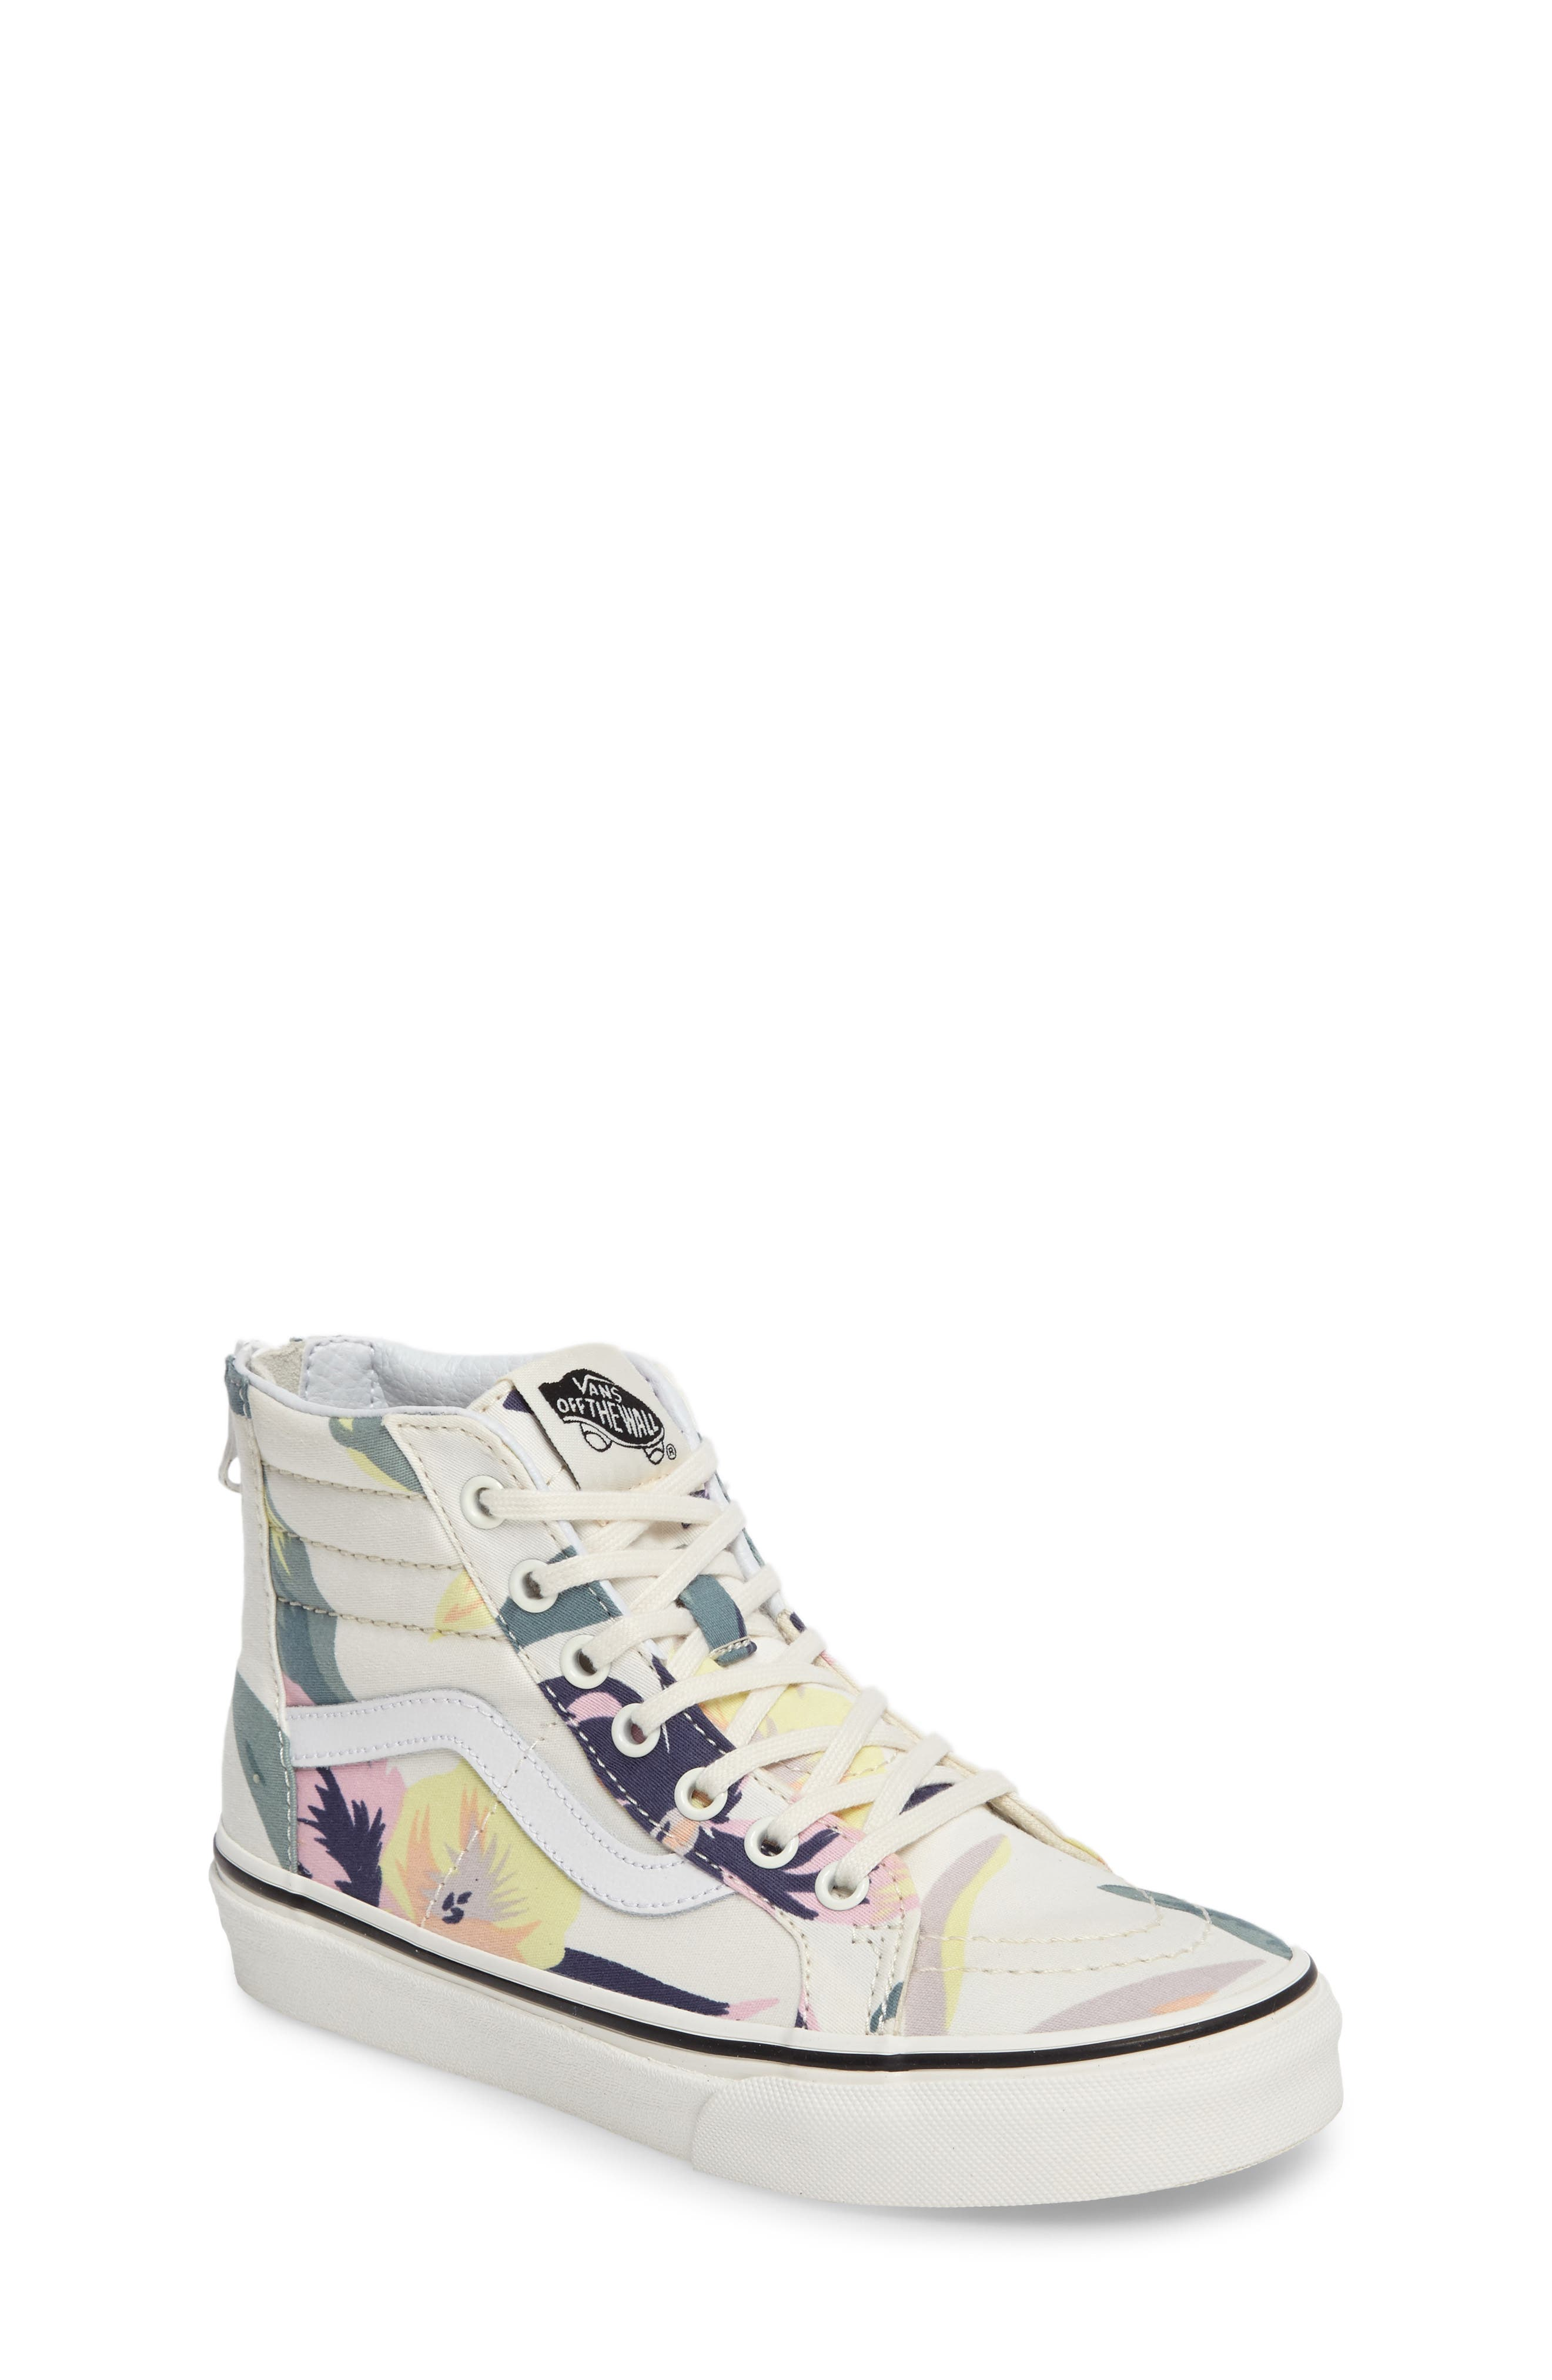 Vans 'Sk8-Hi' Zip Sneaker (Toddler, Little Kid & Big Kid)